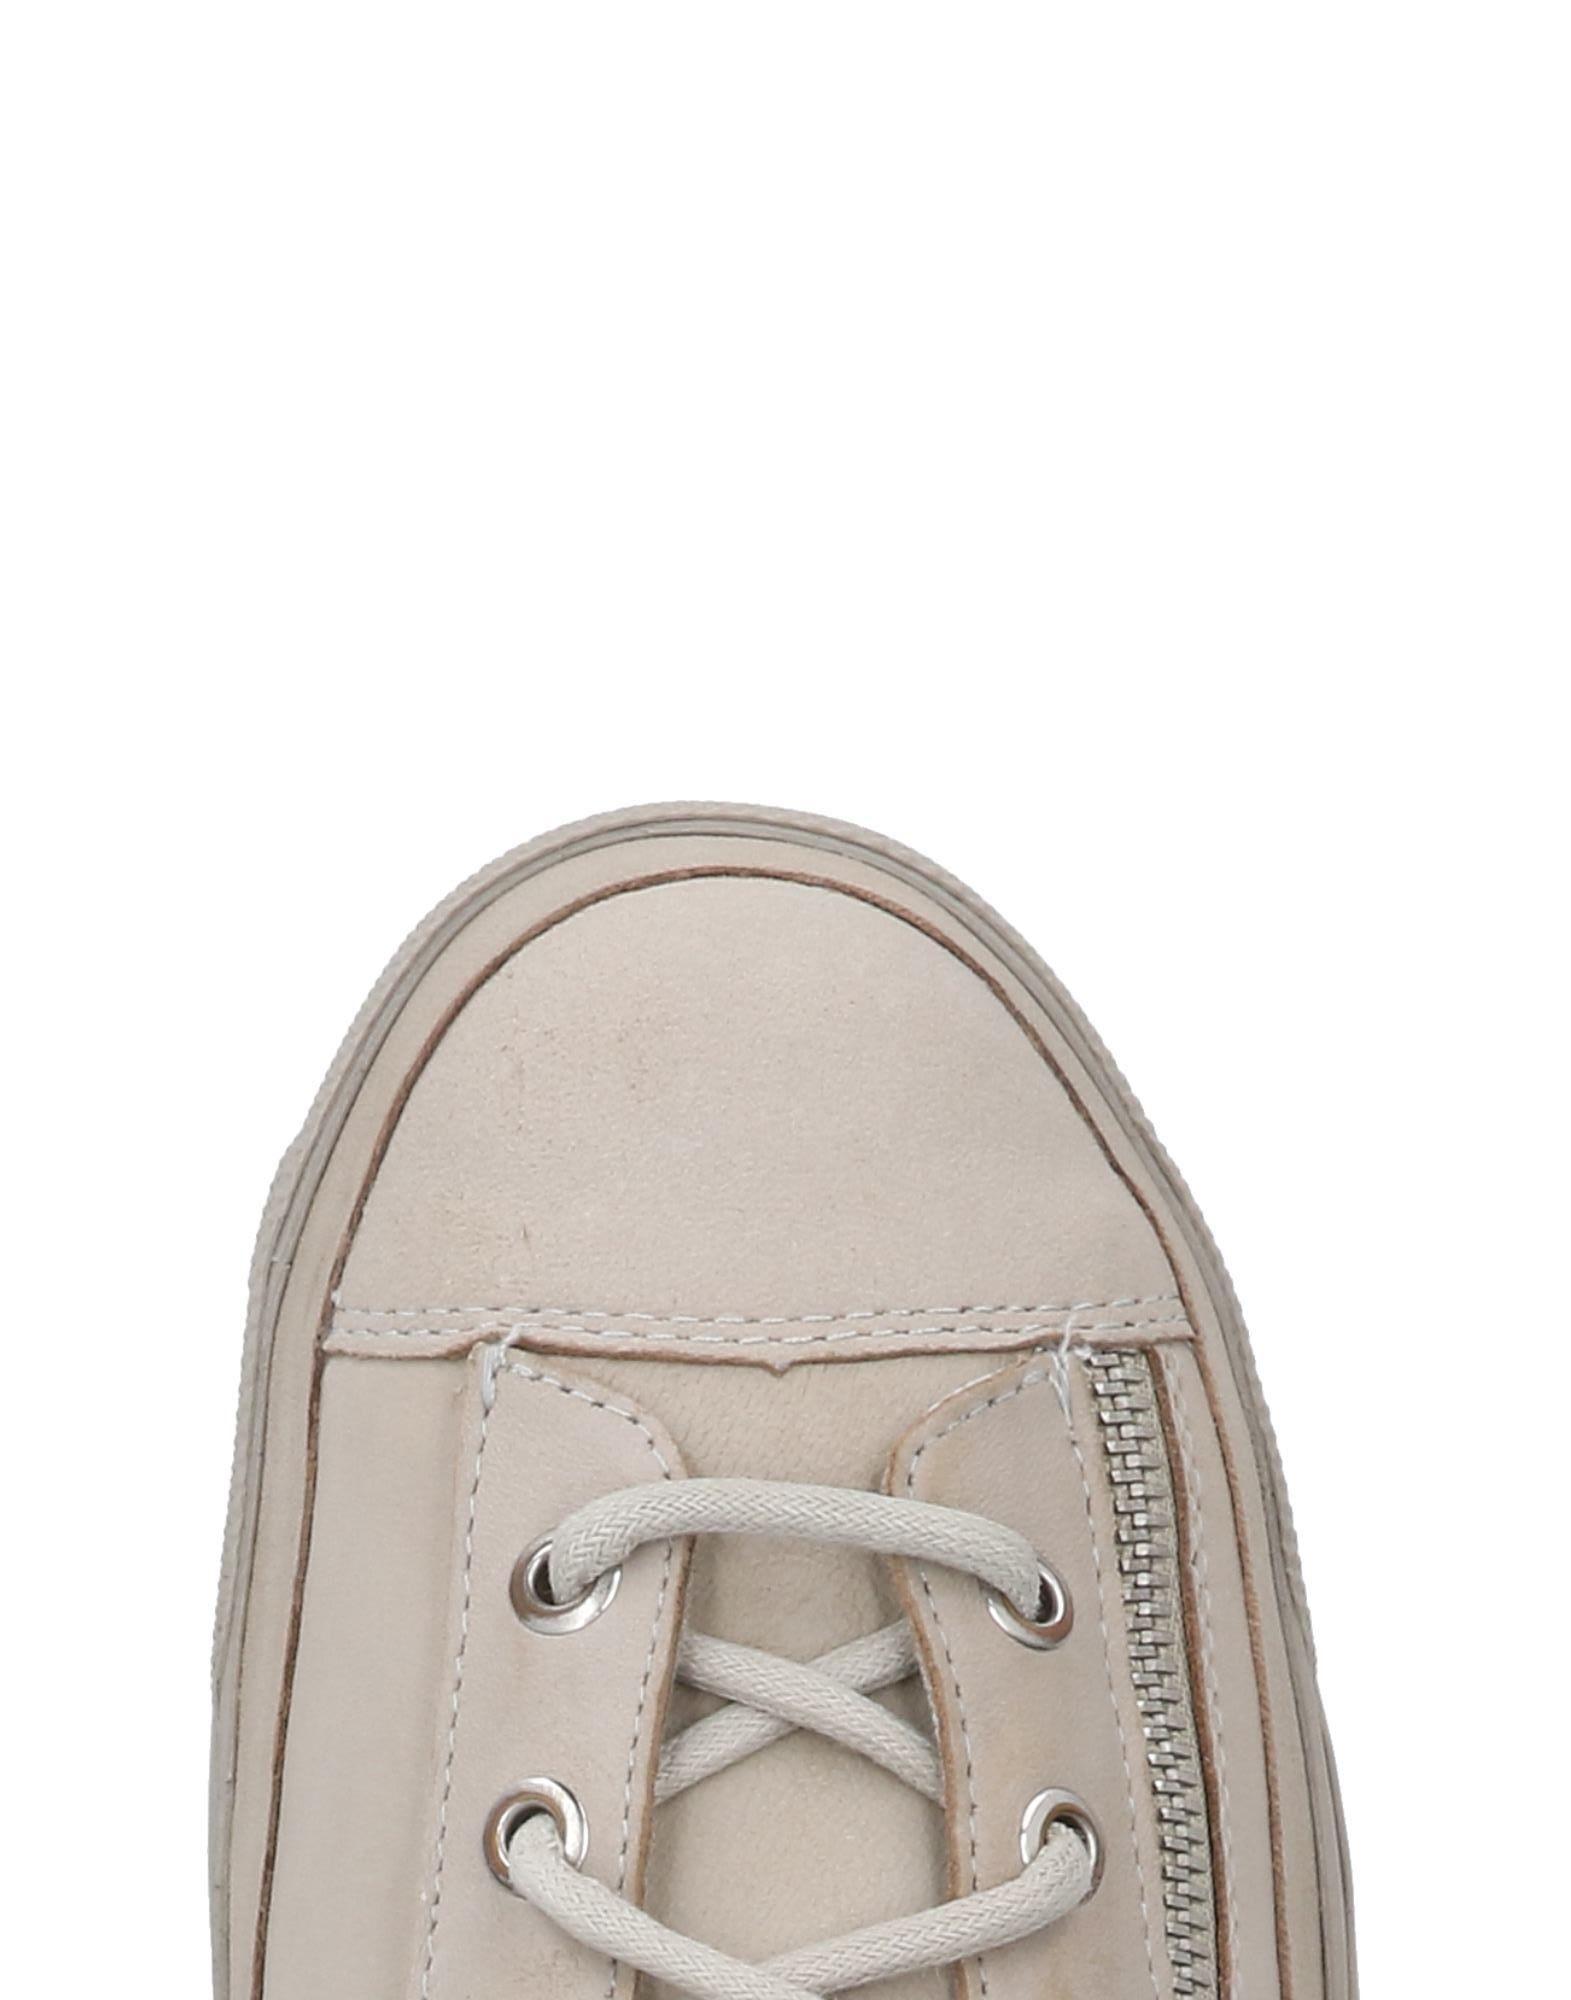 Rabatt echte Schuhe Diesel Sneakers 11491040IH Herren  11491040IH Sneakers c7463c